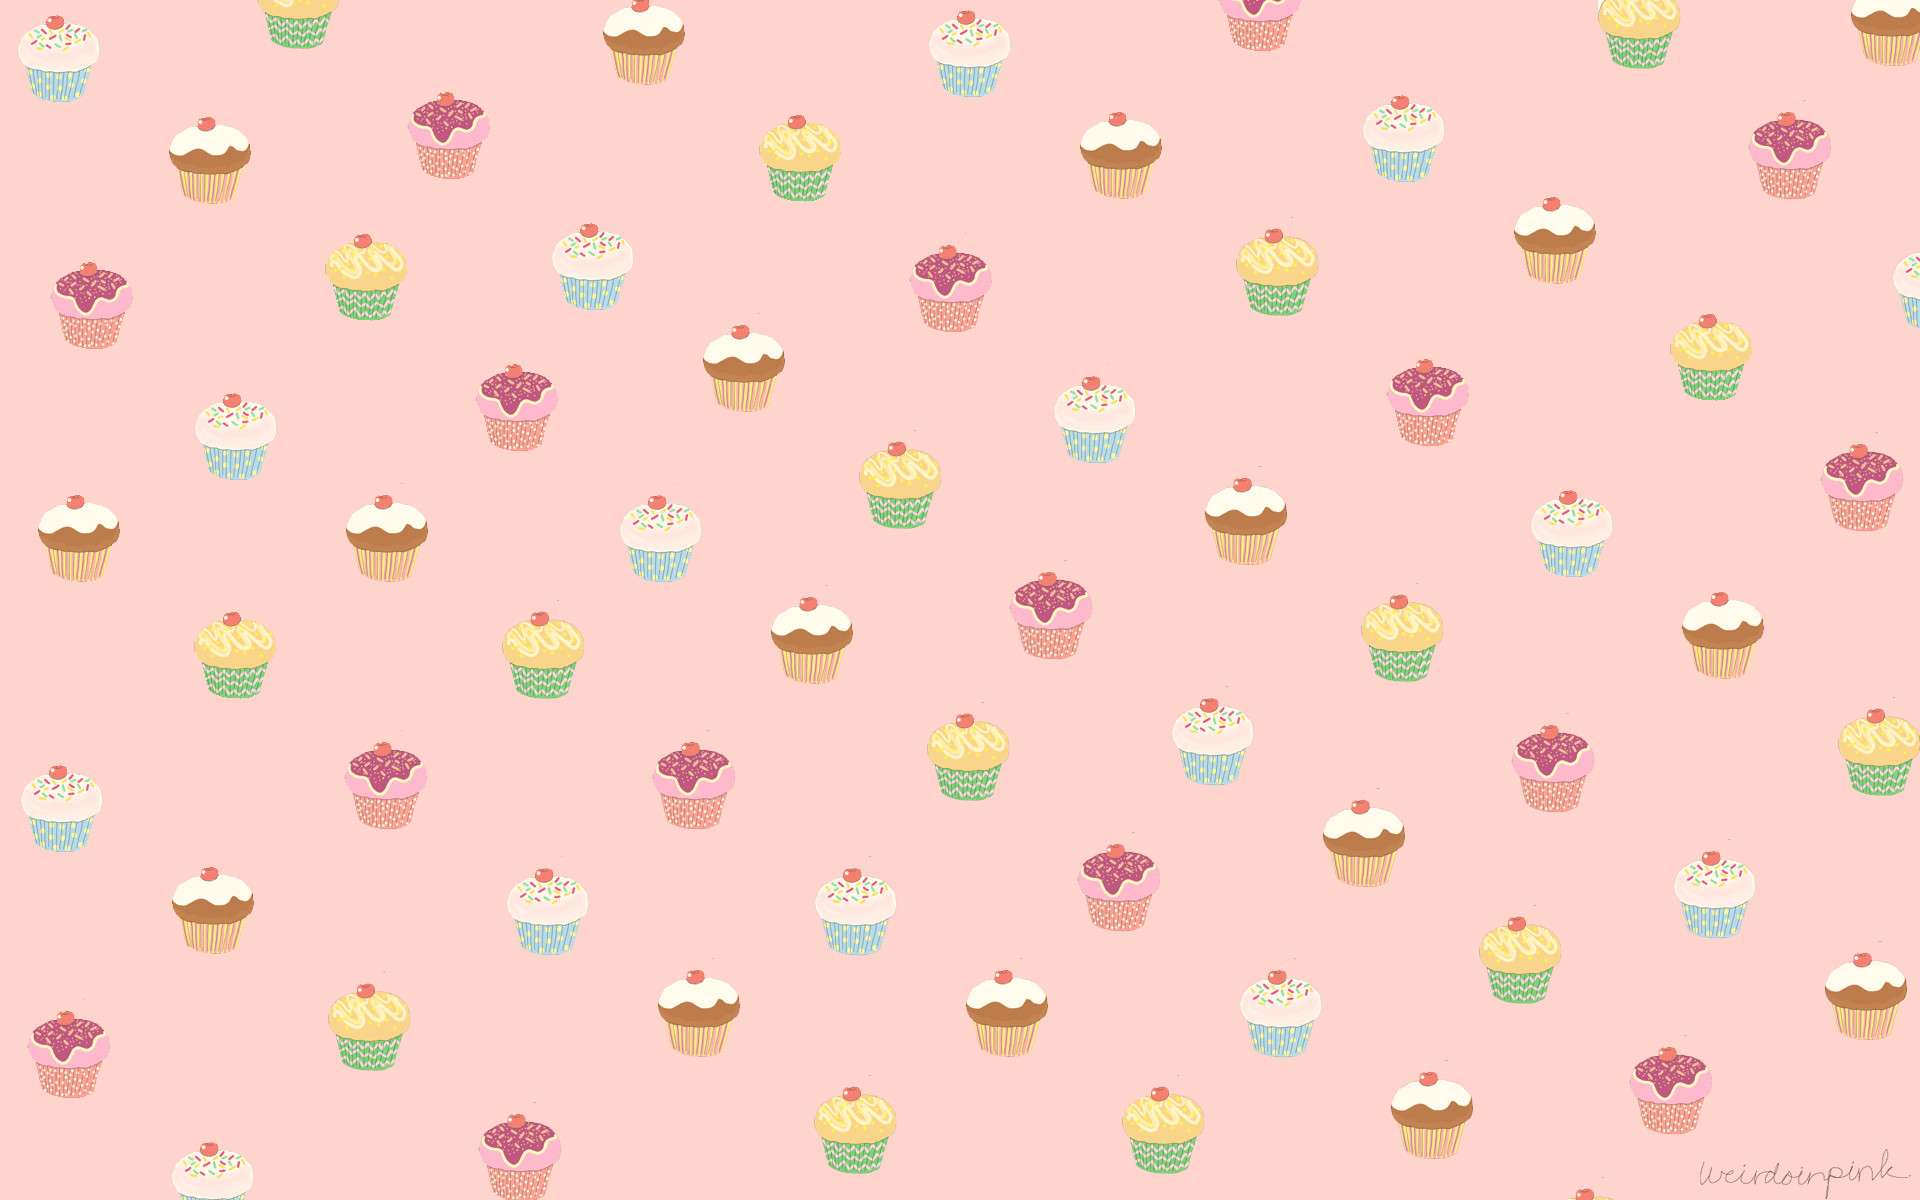 1920x1200 Cute Cupcake Wallpaper Desktop 4115